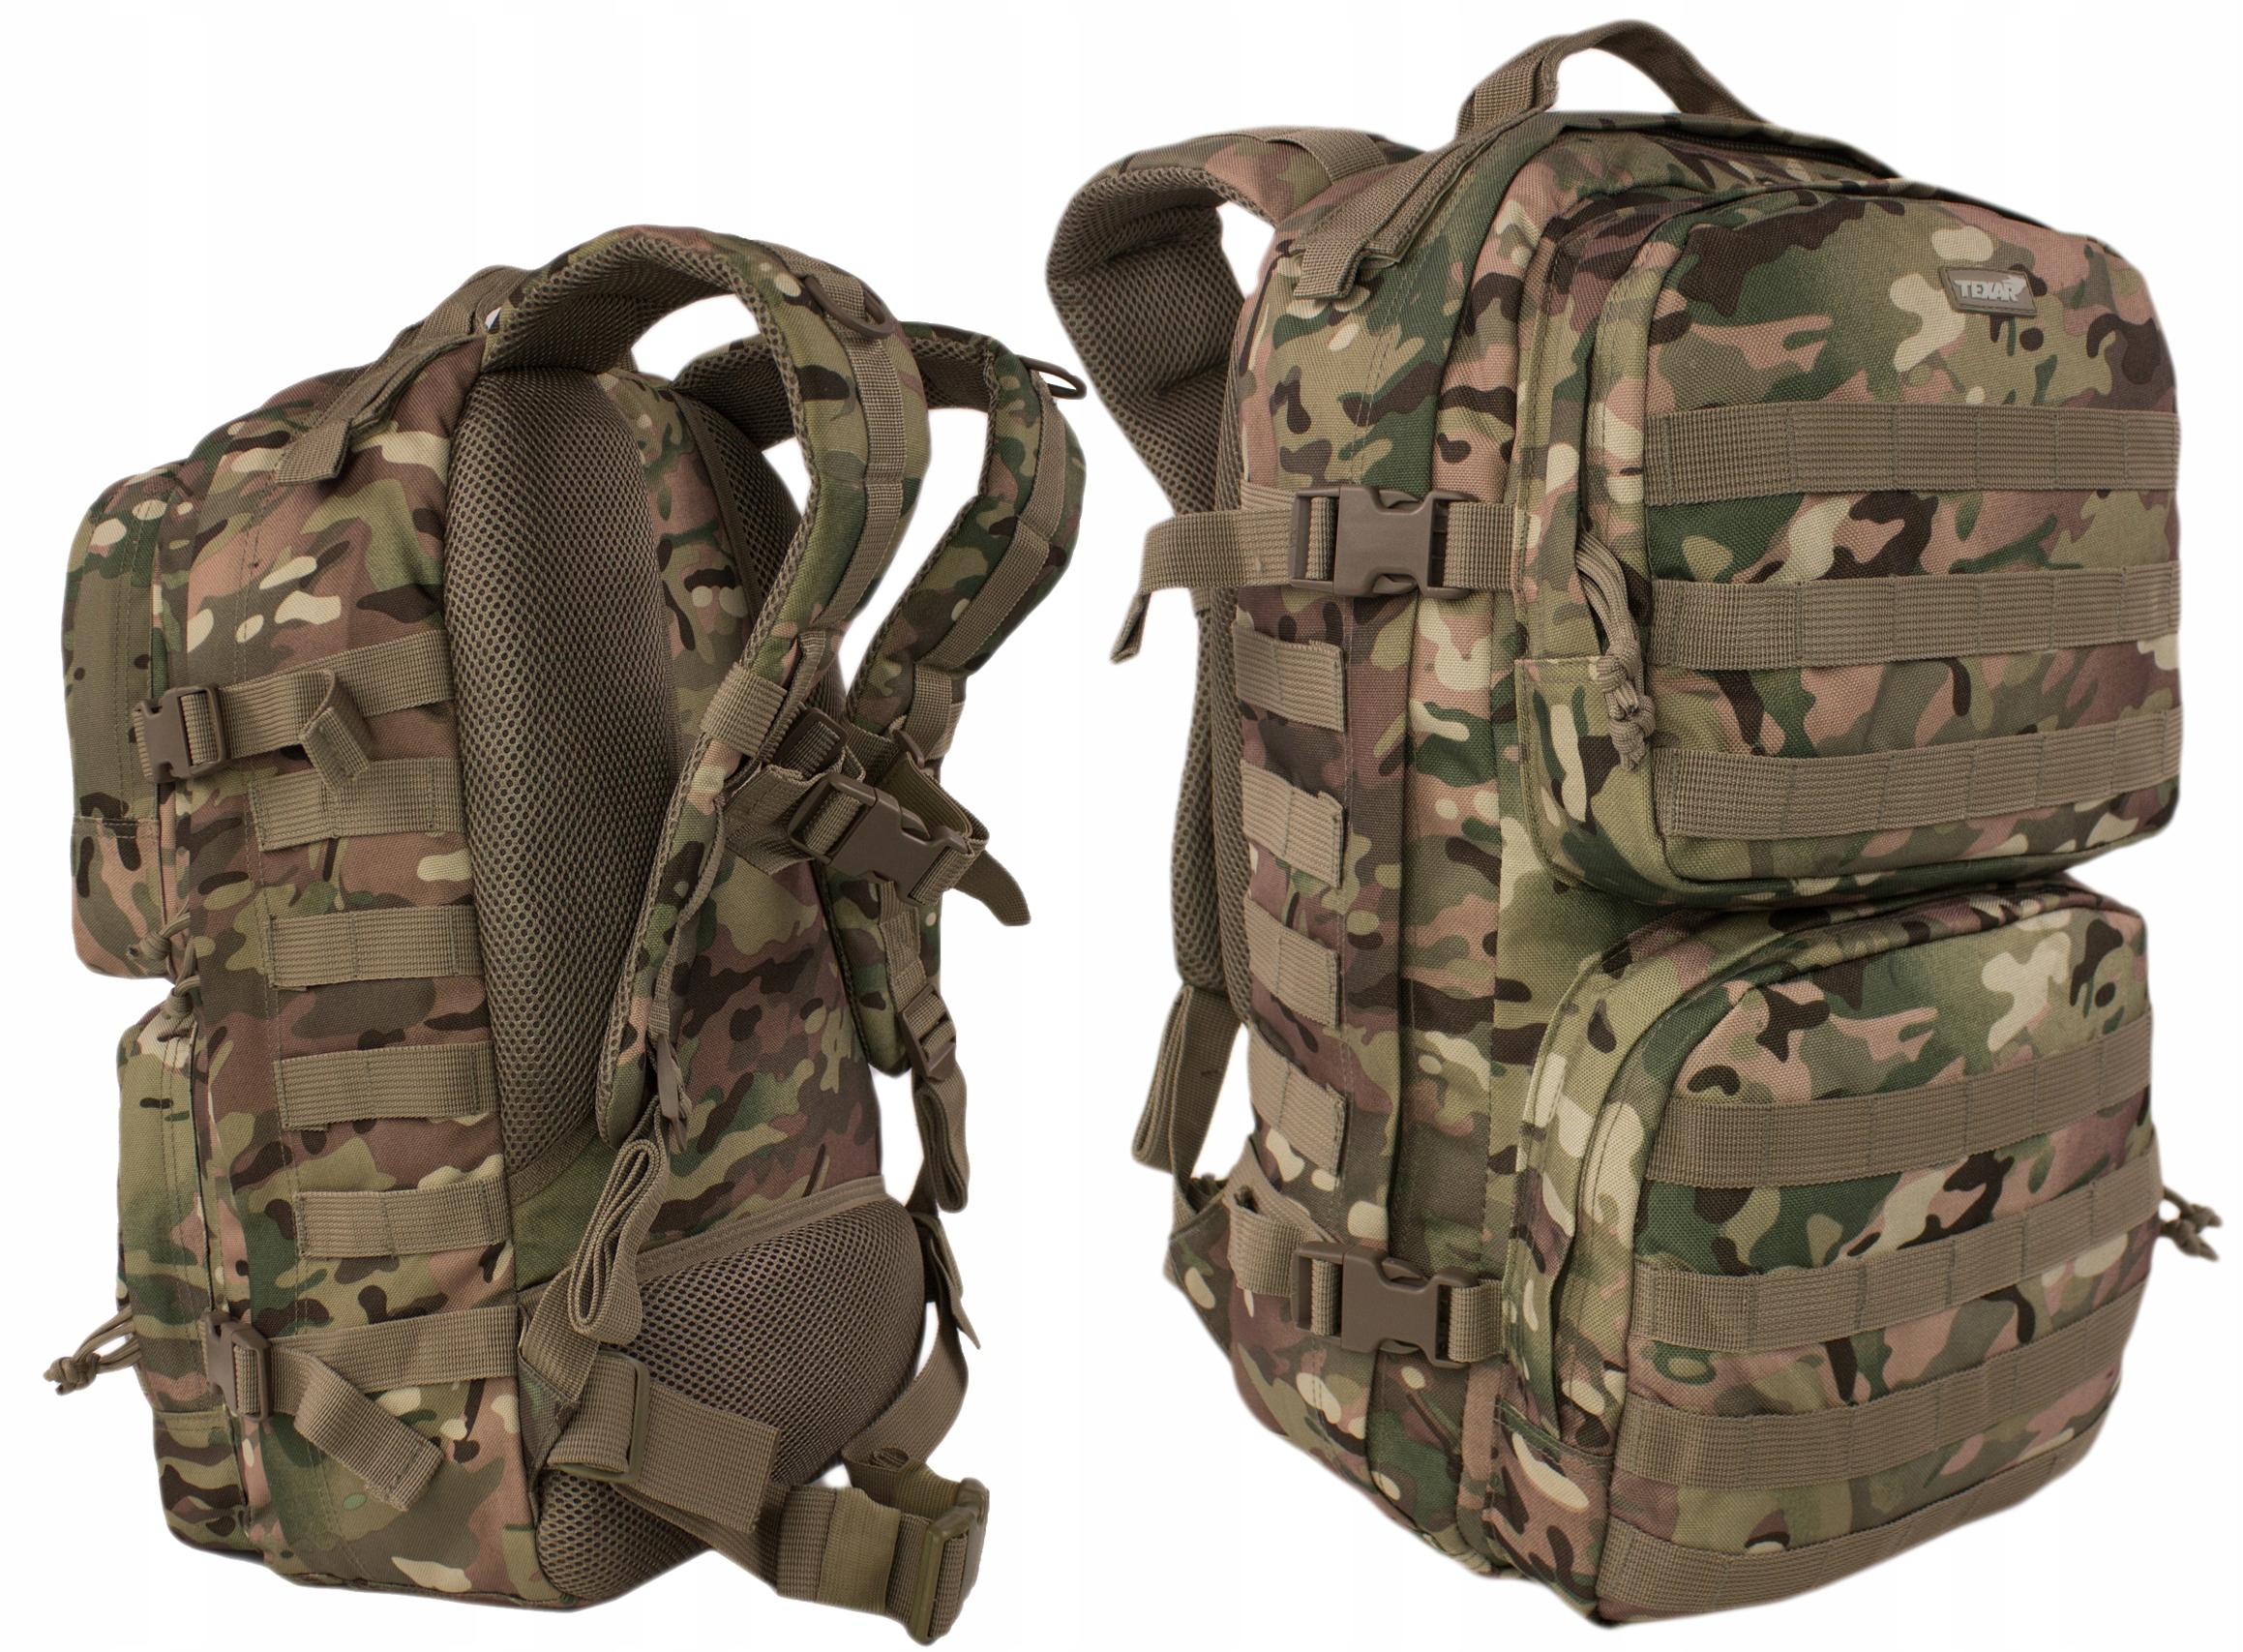 Wojskowy Plecak Taktyczny Texar SCOUT Mc-Camo 35L